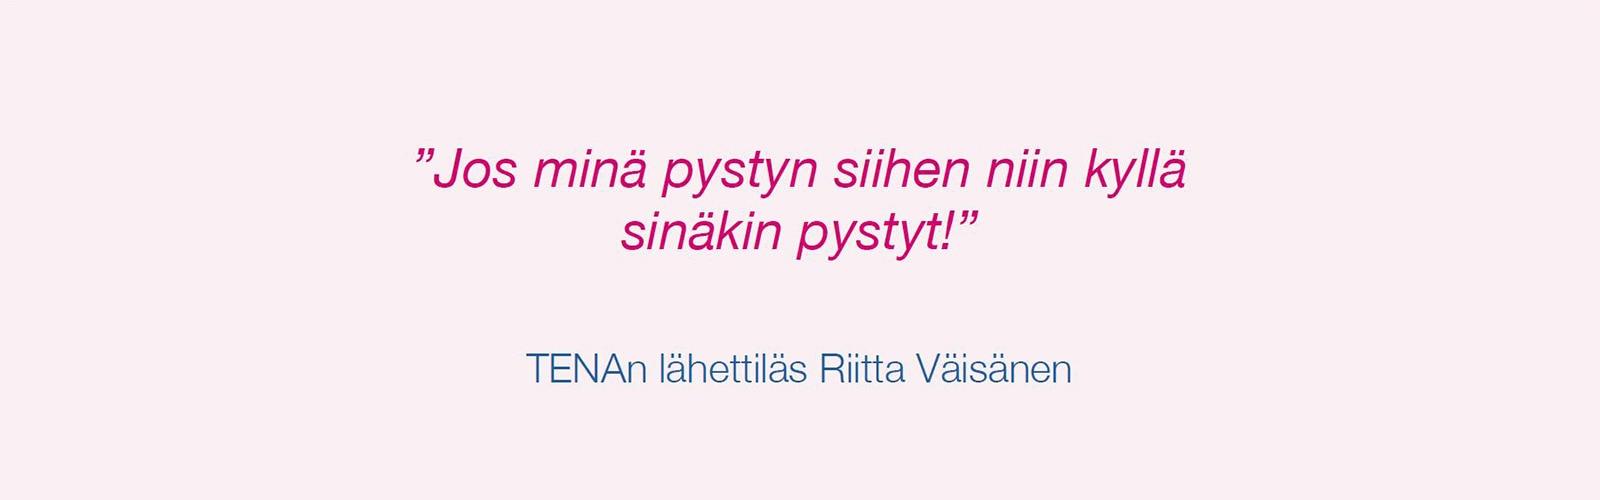 TENAn lähettiläs Riitta Väisänen